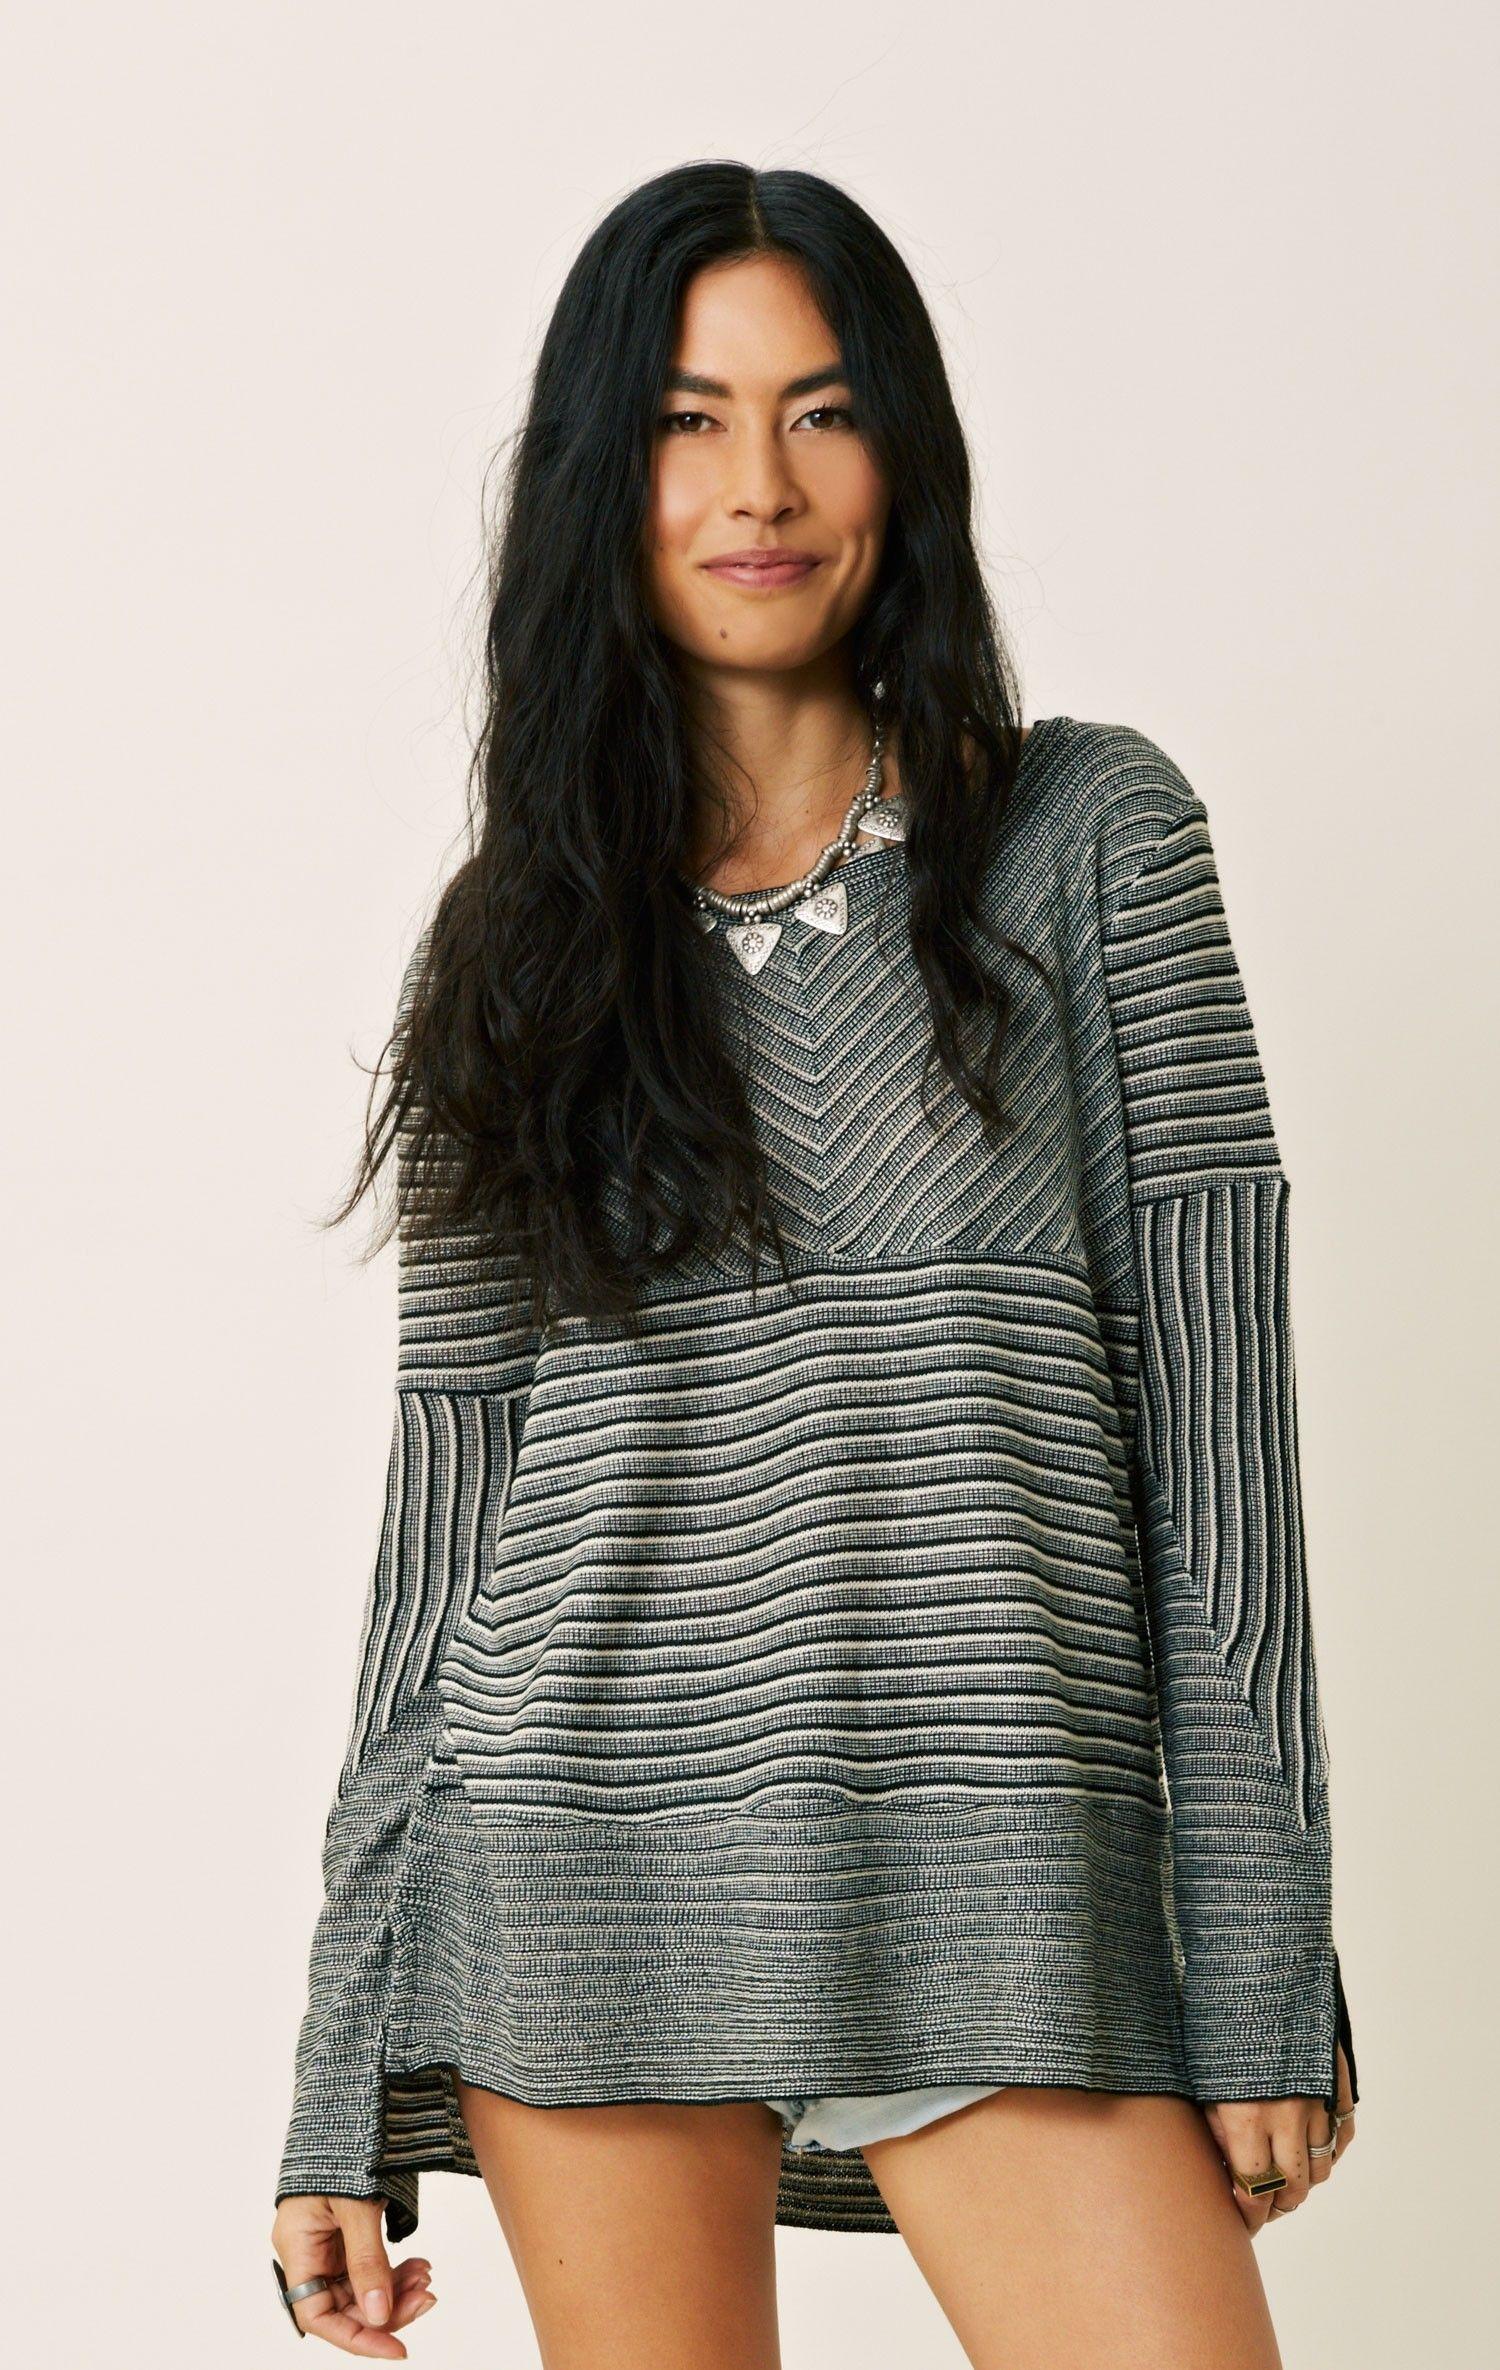 BB DAKOTA MARCEL NOVELTY STRIPE SWEATER | Stripe sweater